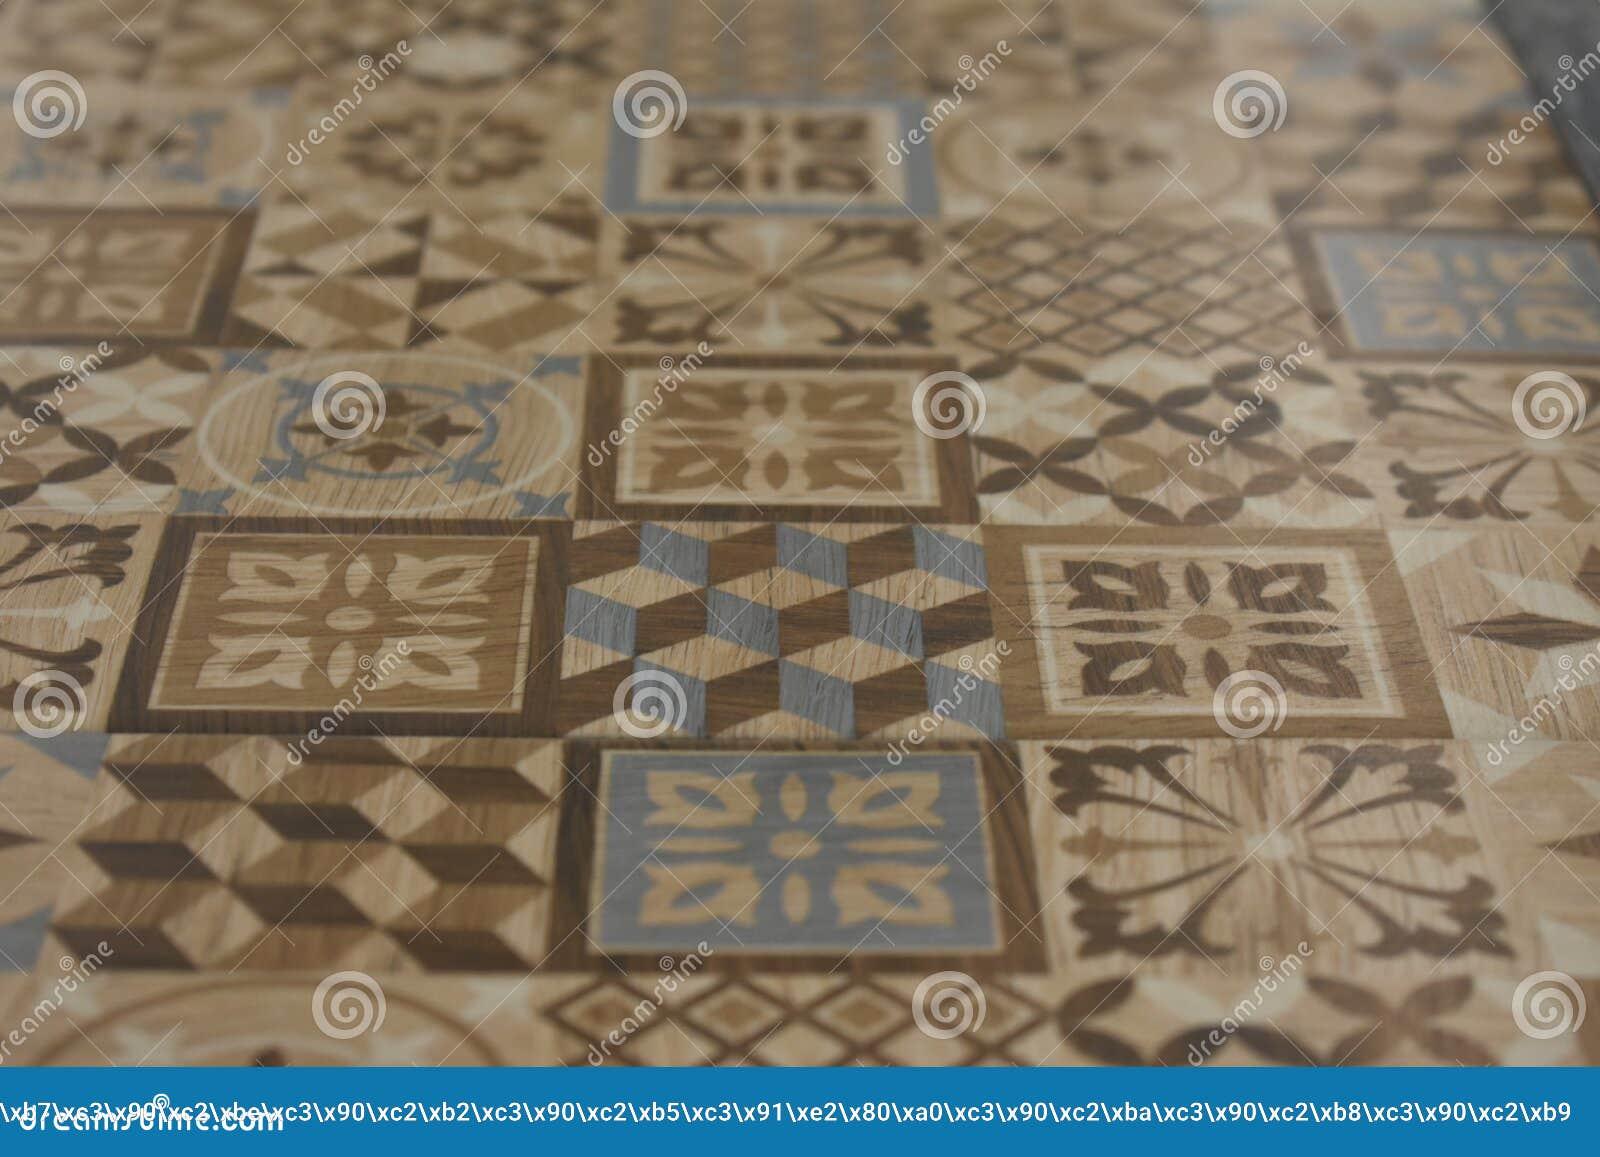 Wzory na ceramicznych płytkach Dekoracja wewnętrznych ścian projekt biurowi mieszkania